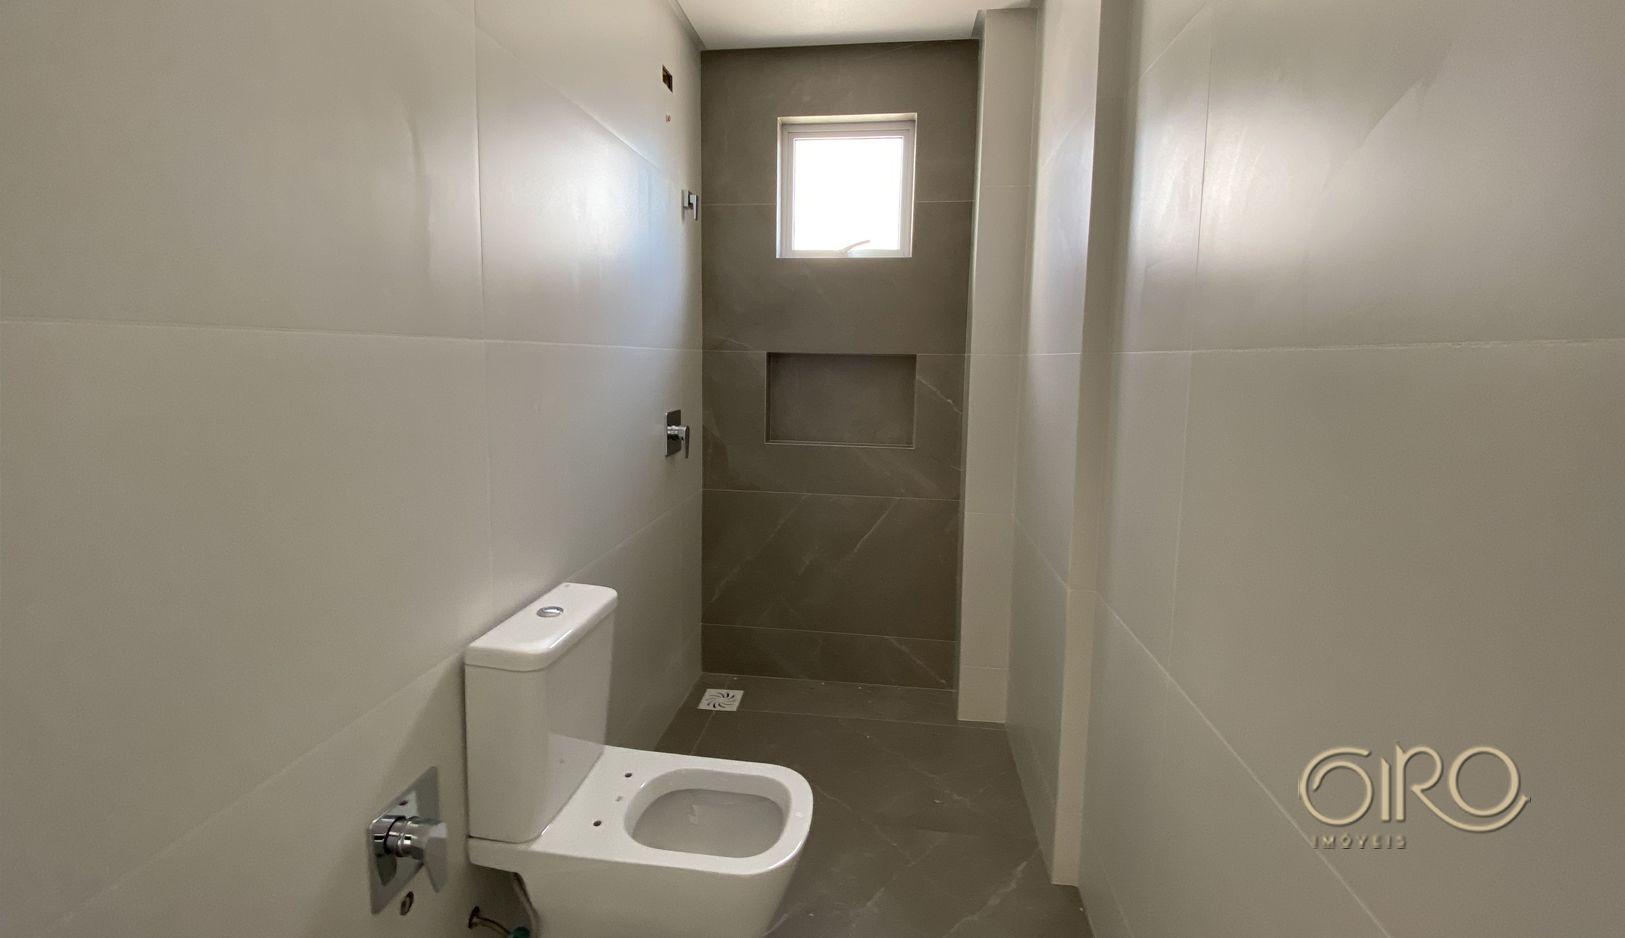 Apartamento em Andar Alto no Italian em Balneário Camboriú